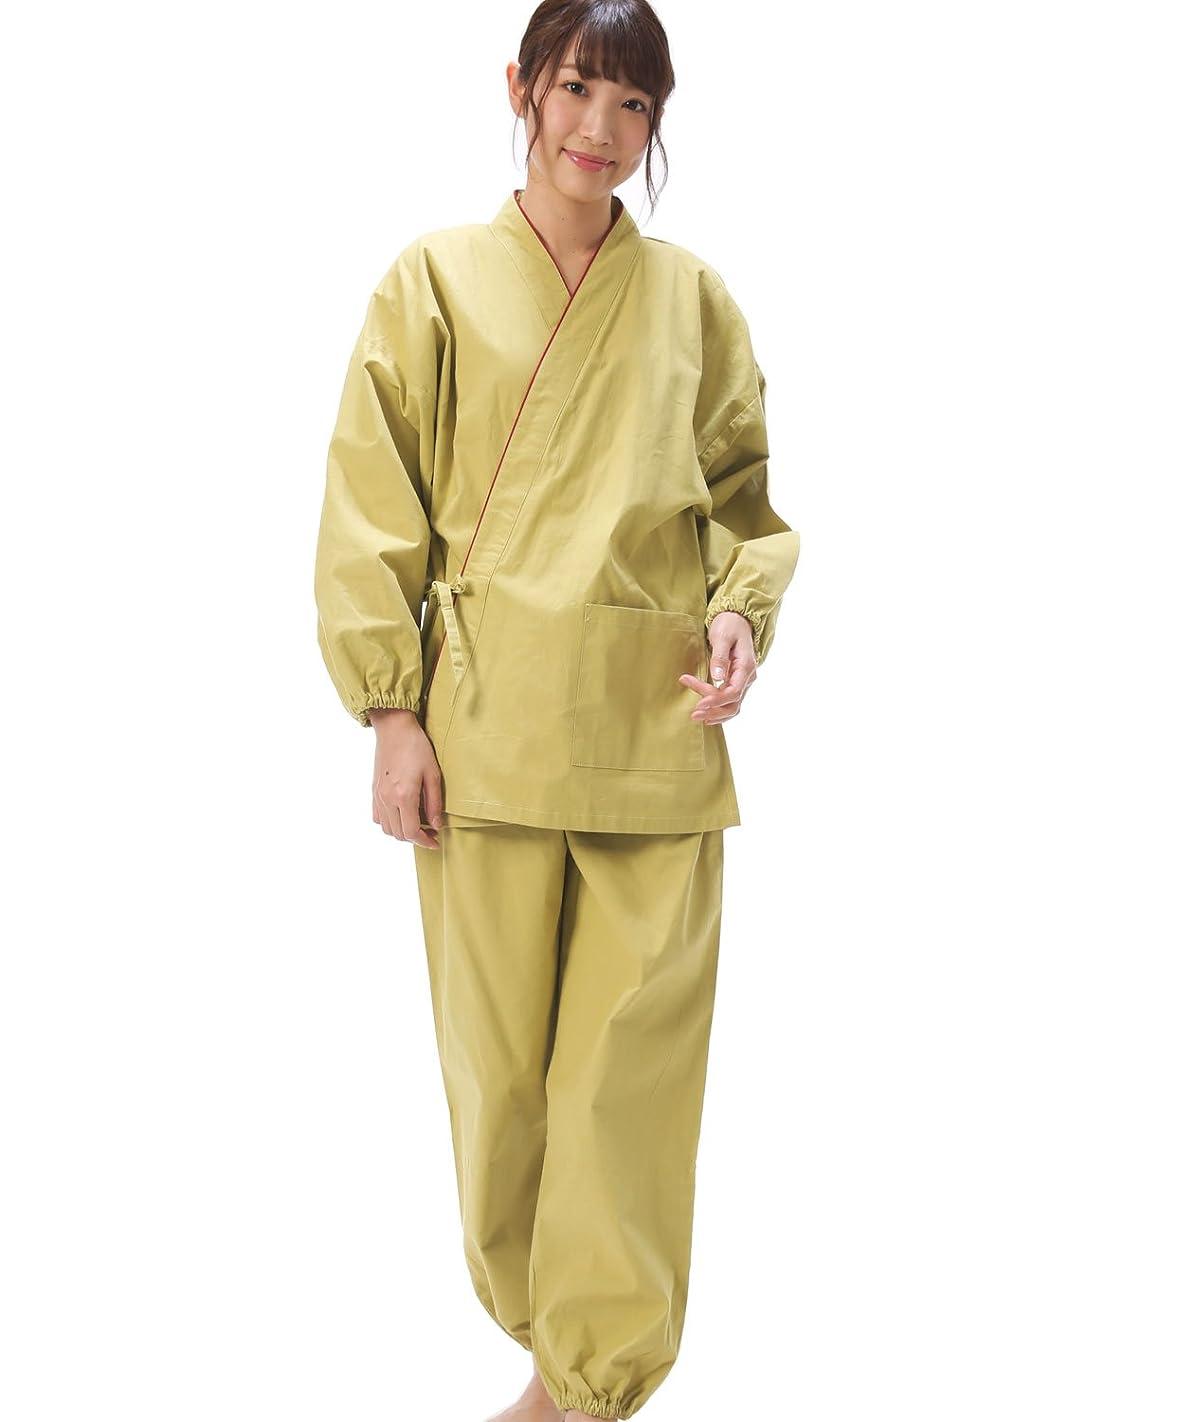 隙間バスケットボール食欲Nishiki(ニシキ) 作務衣 上下セット レディース 綿100% しじら織り【M/L/LLサイズ】